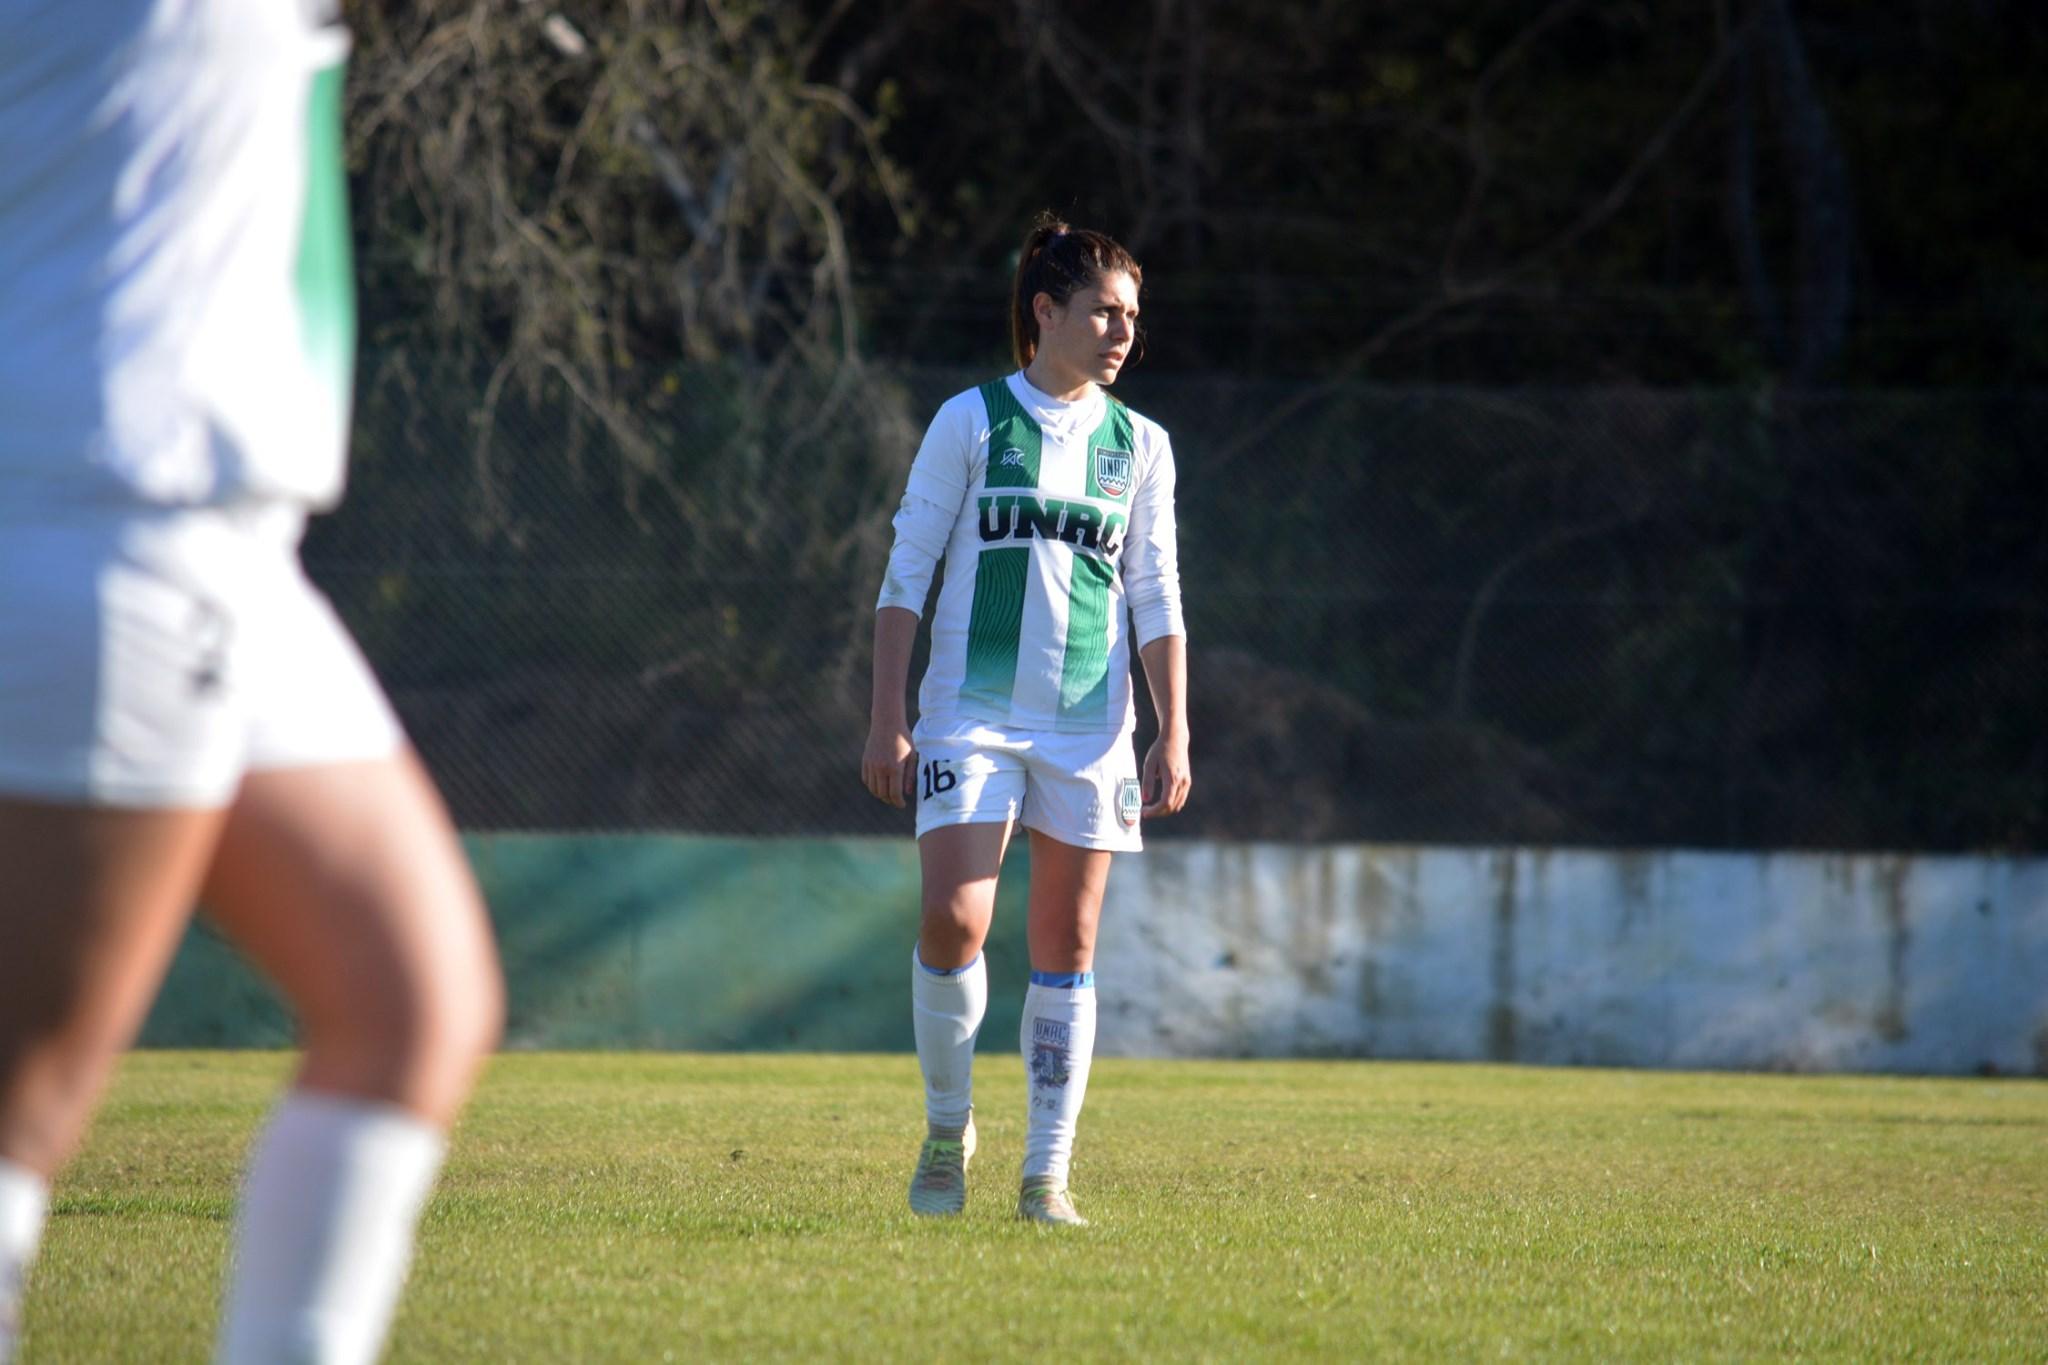 Boloquy jugando para Universidad Blanco durante la pasada temporada.